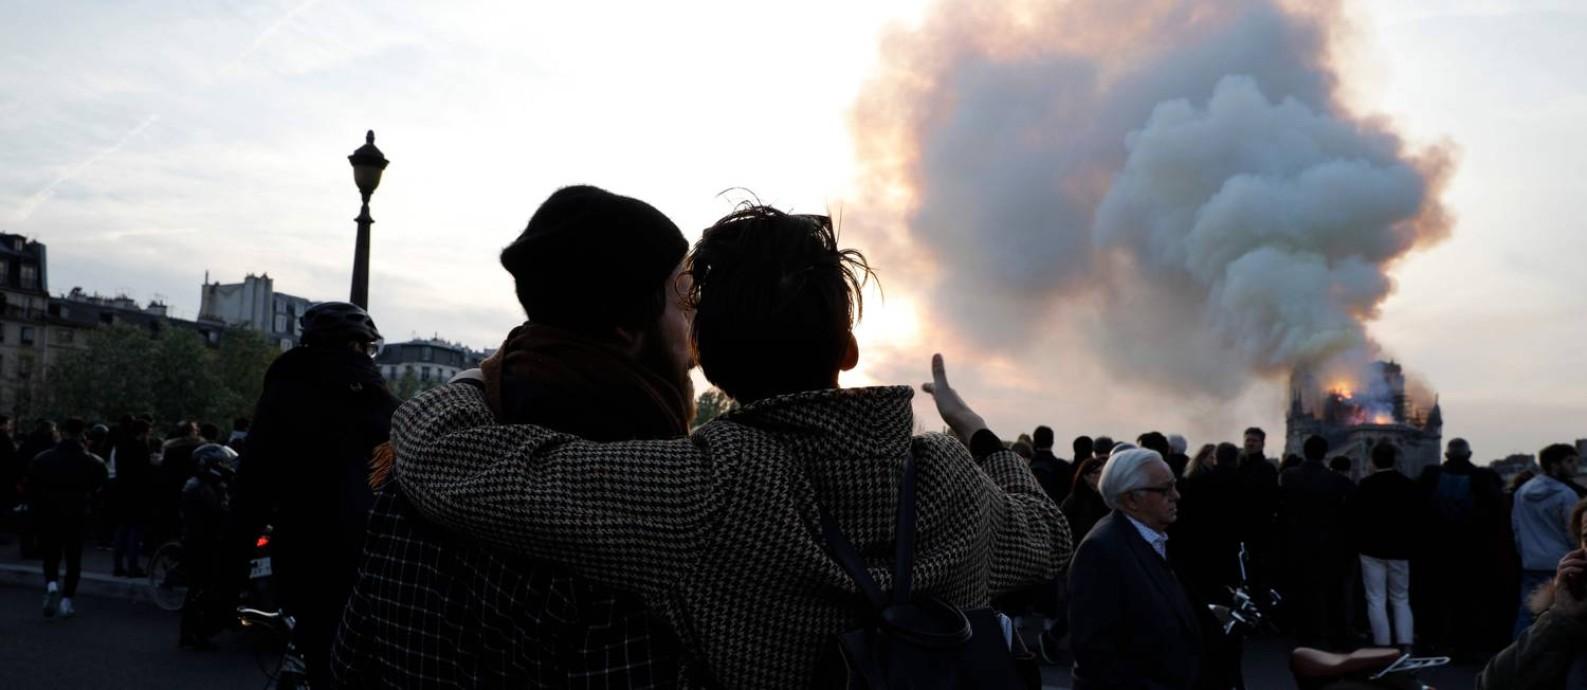 Pessoas observam o incêndio na Catedral de Notre Dame, em Paris: multidão permaneceu em silêncio Foto: GEOFFROY VAN DER HASSELT / AFP